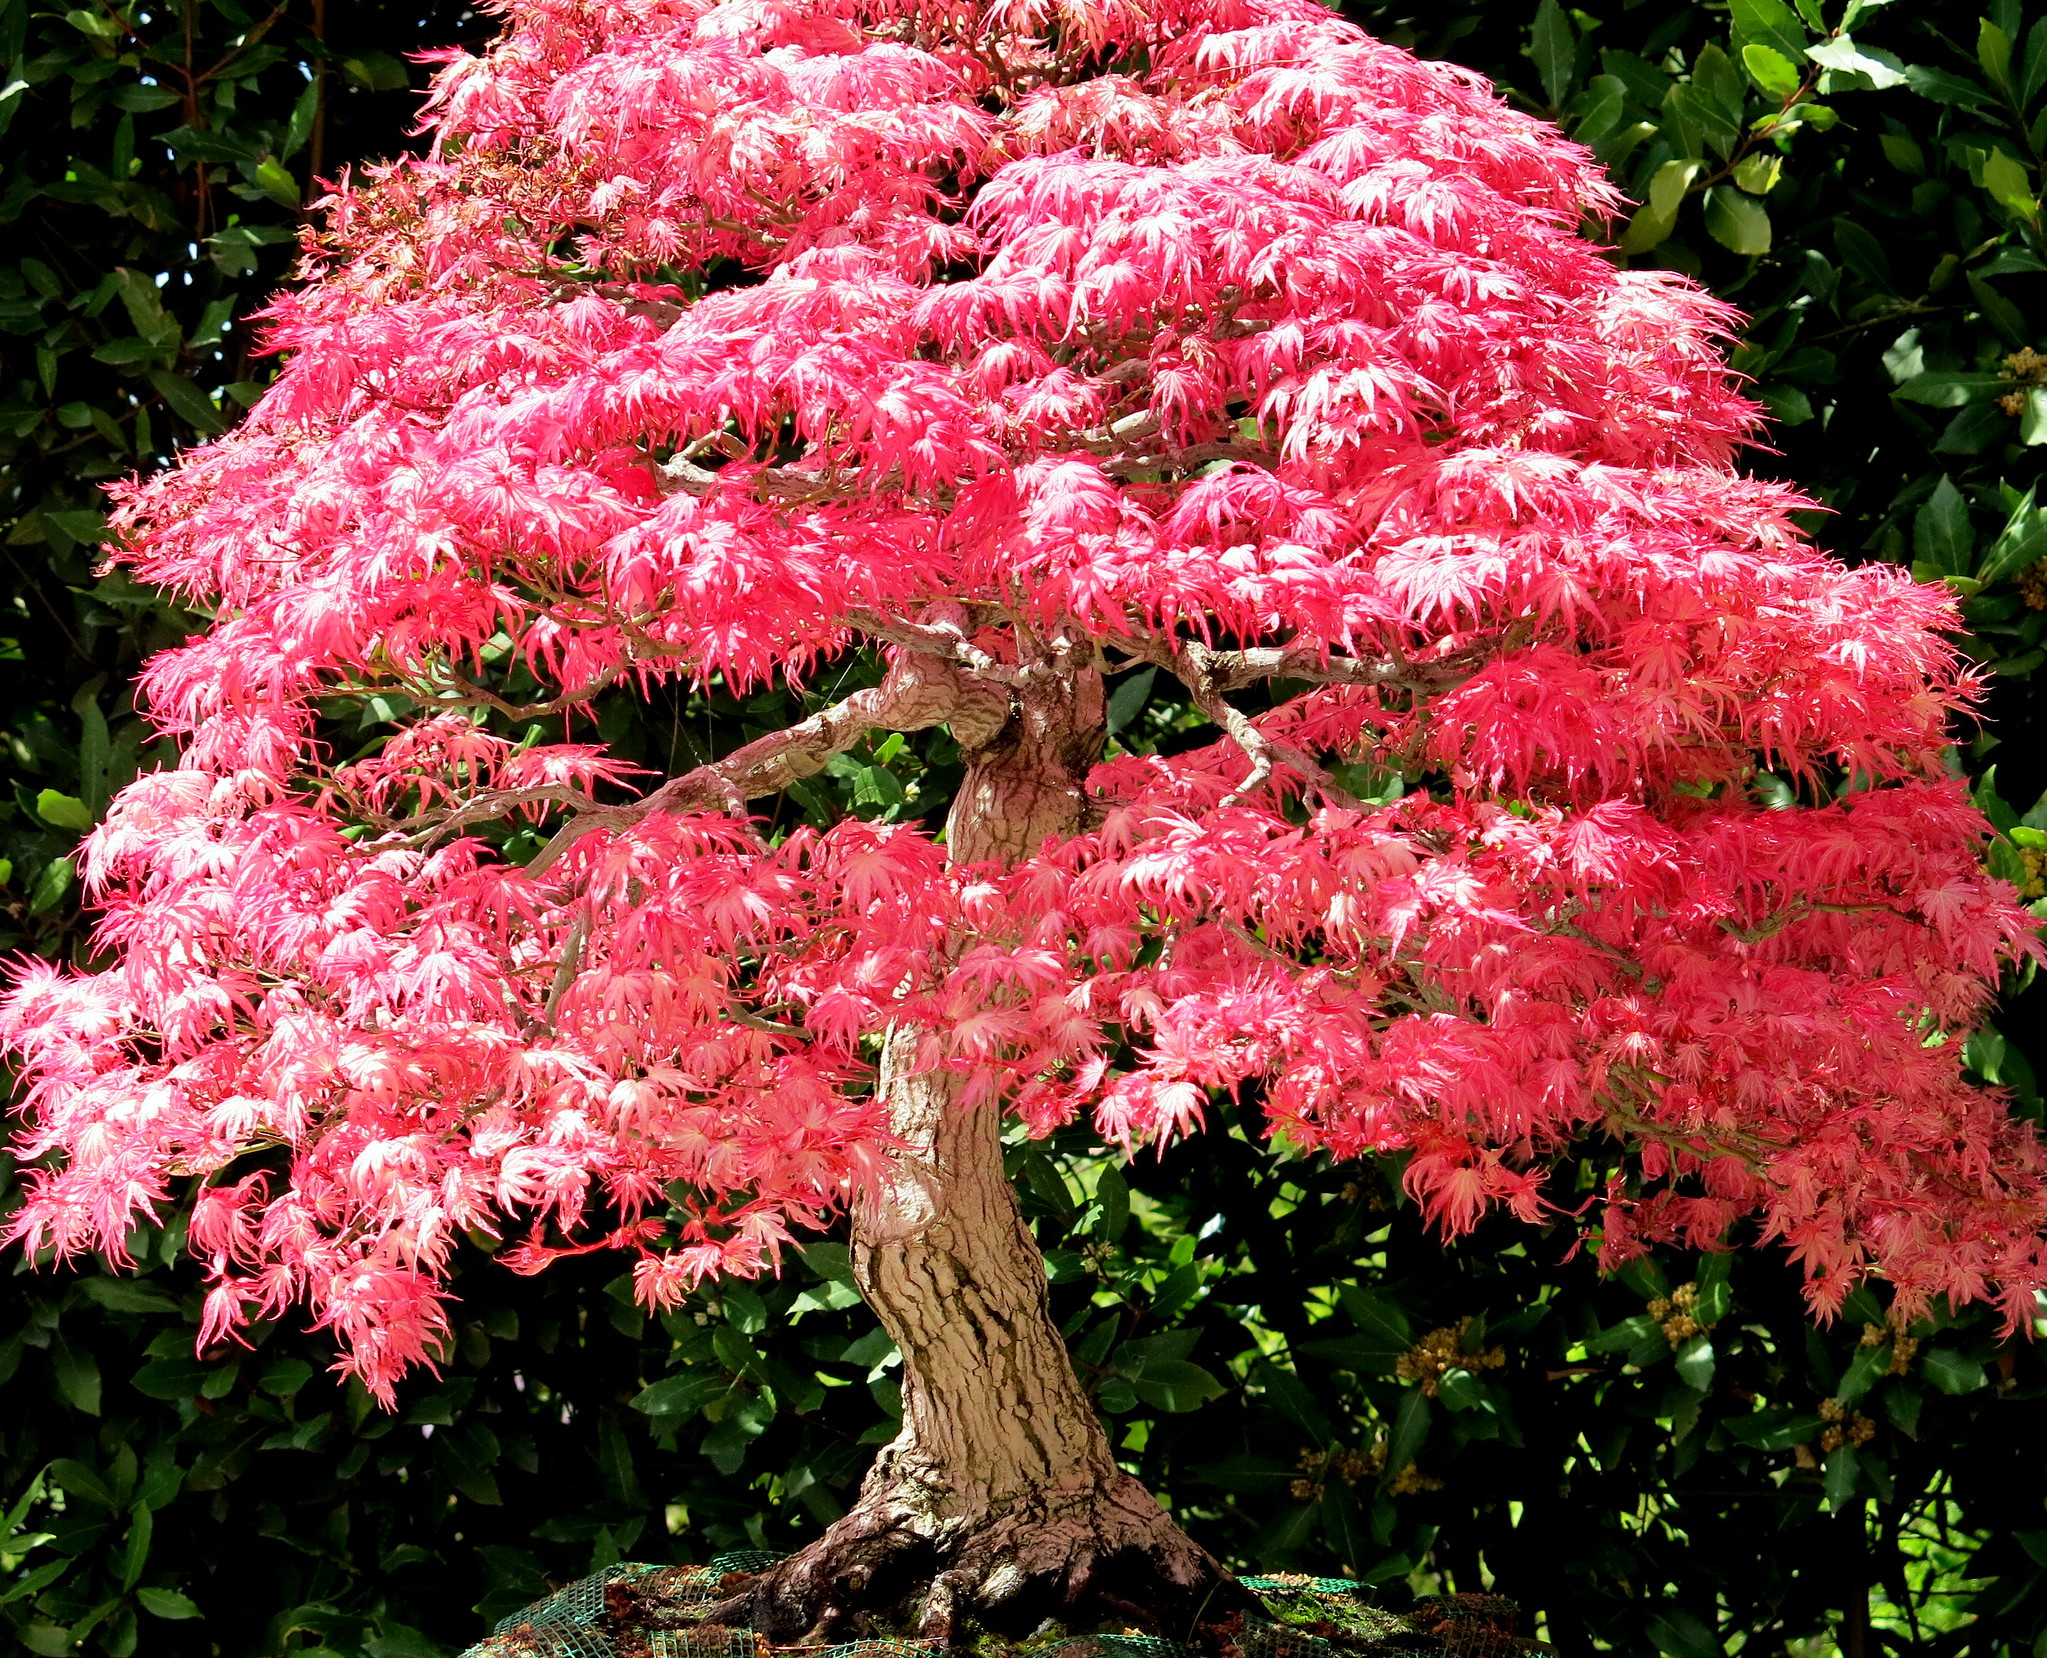 El bonsai de arce japones es fácil de cuidar